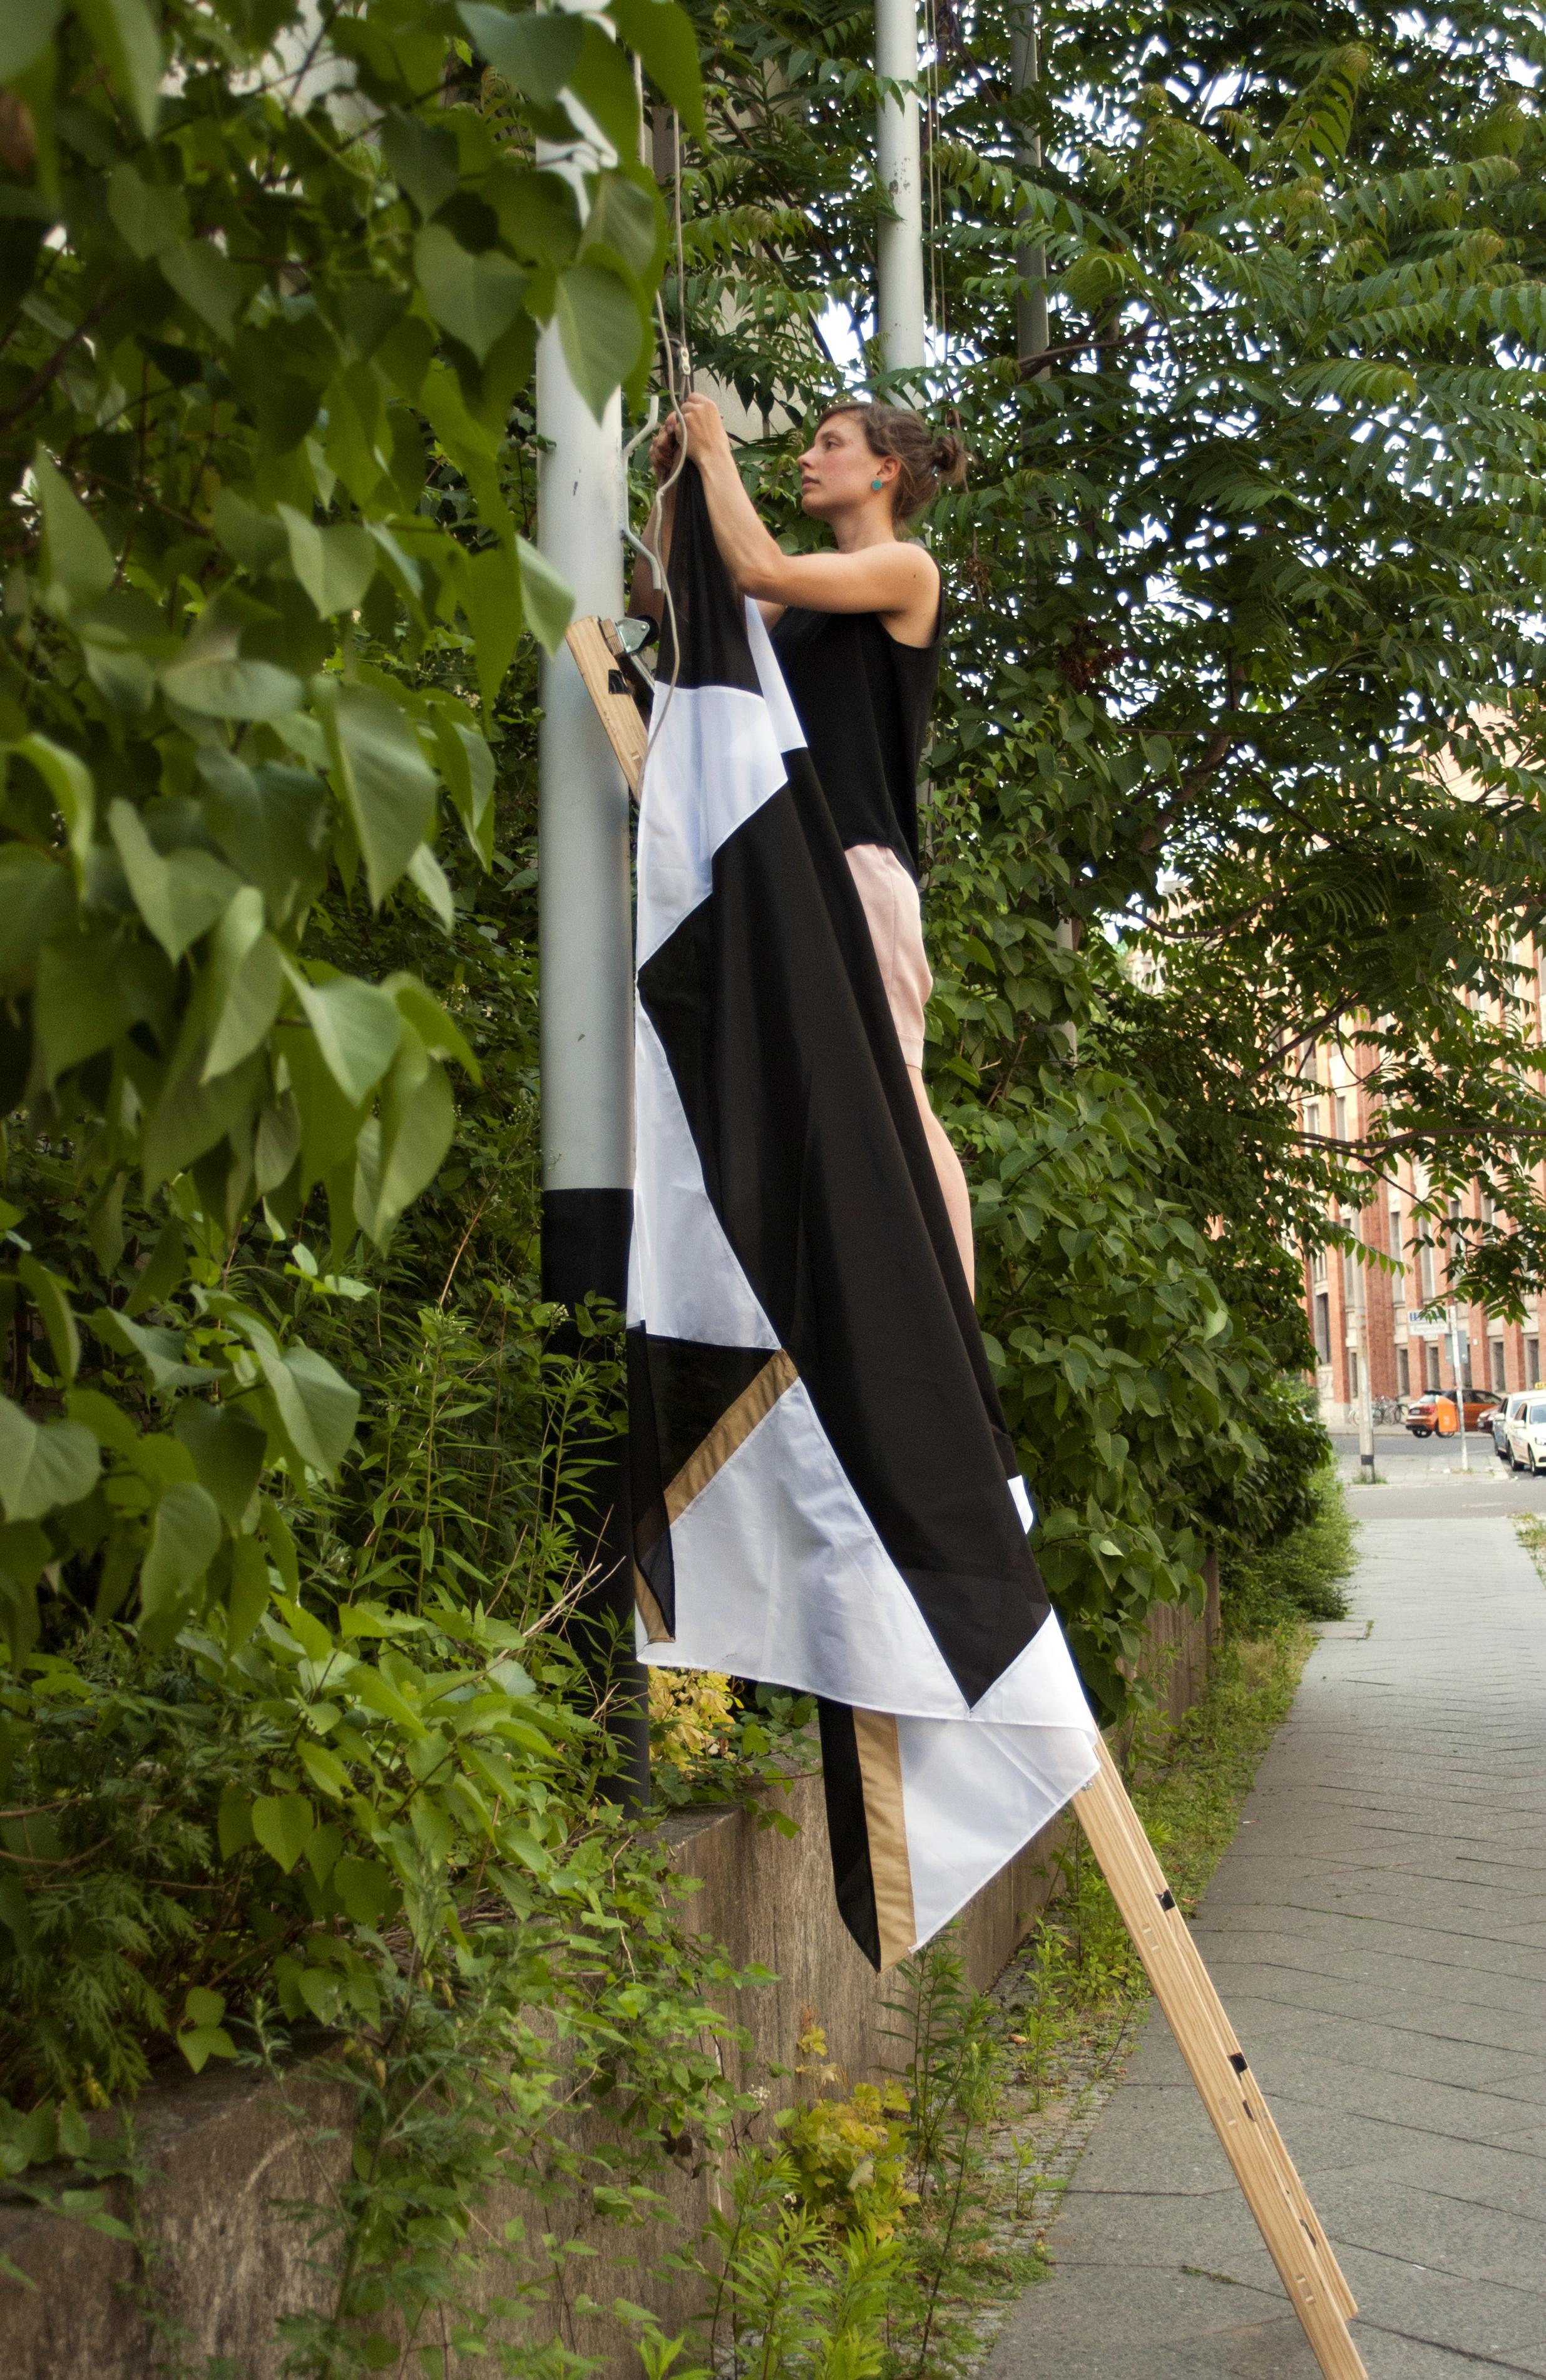 Sonja hängt eine Flagge ohne Bedeutung auf